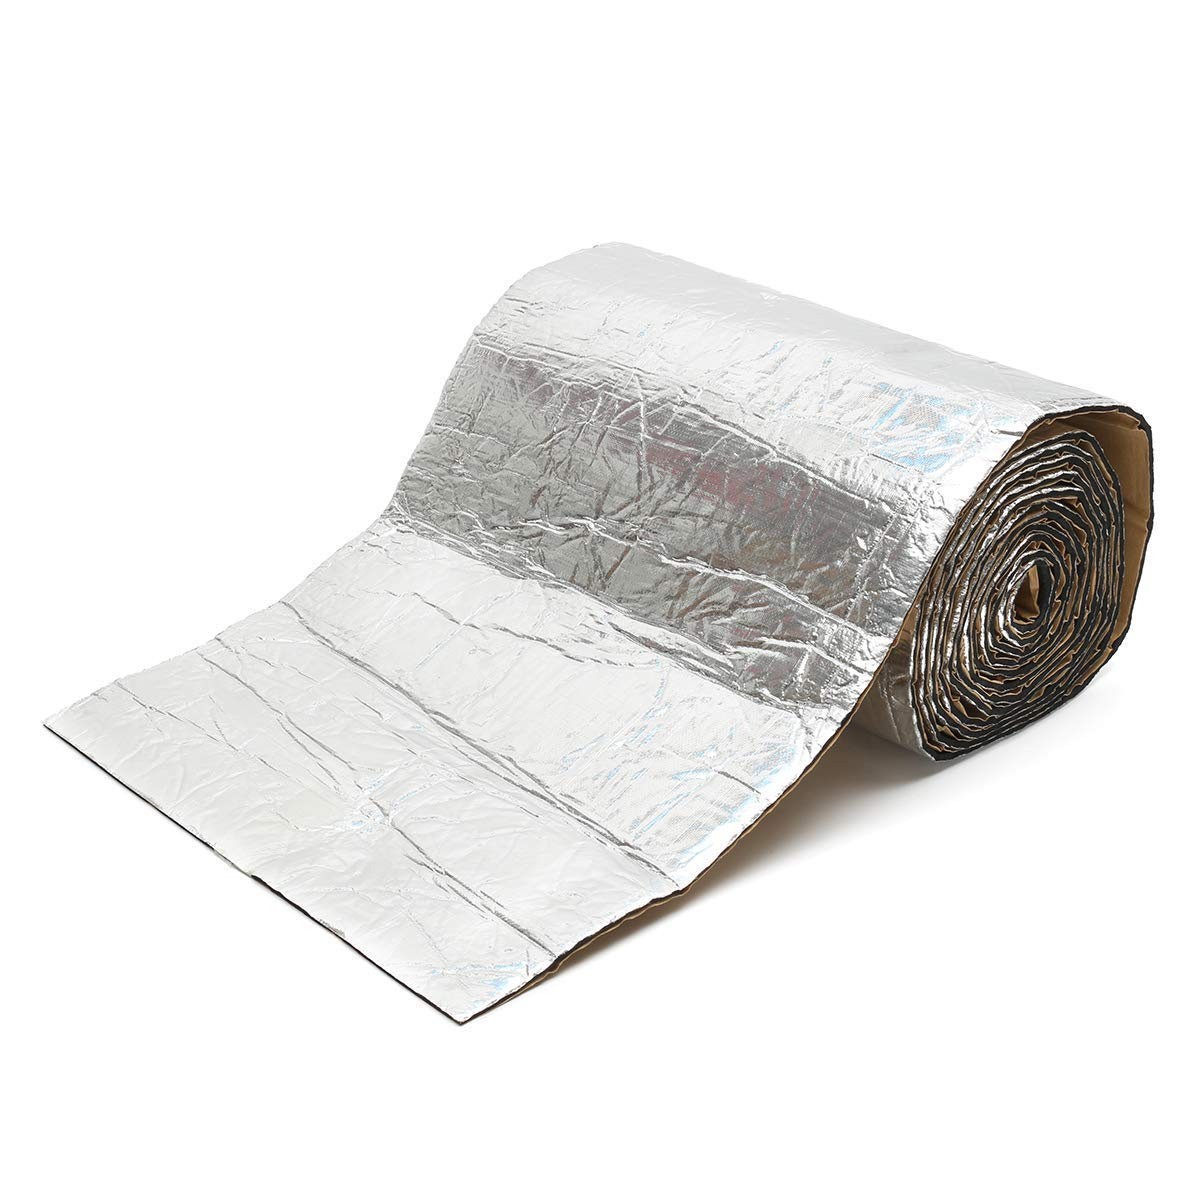 Casavidas 7 mm Auto Schalld/ämmung Hitzeschutz Isolierung Aluminium Folie Material Schalld/ämmung Baumwolle